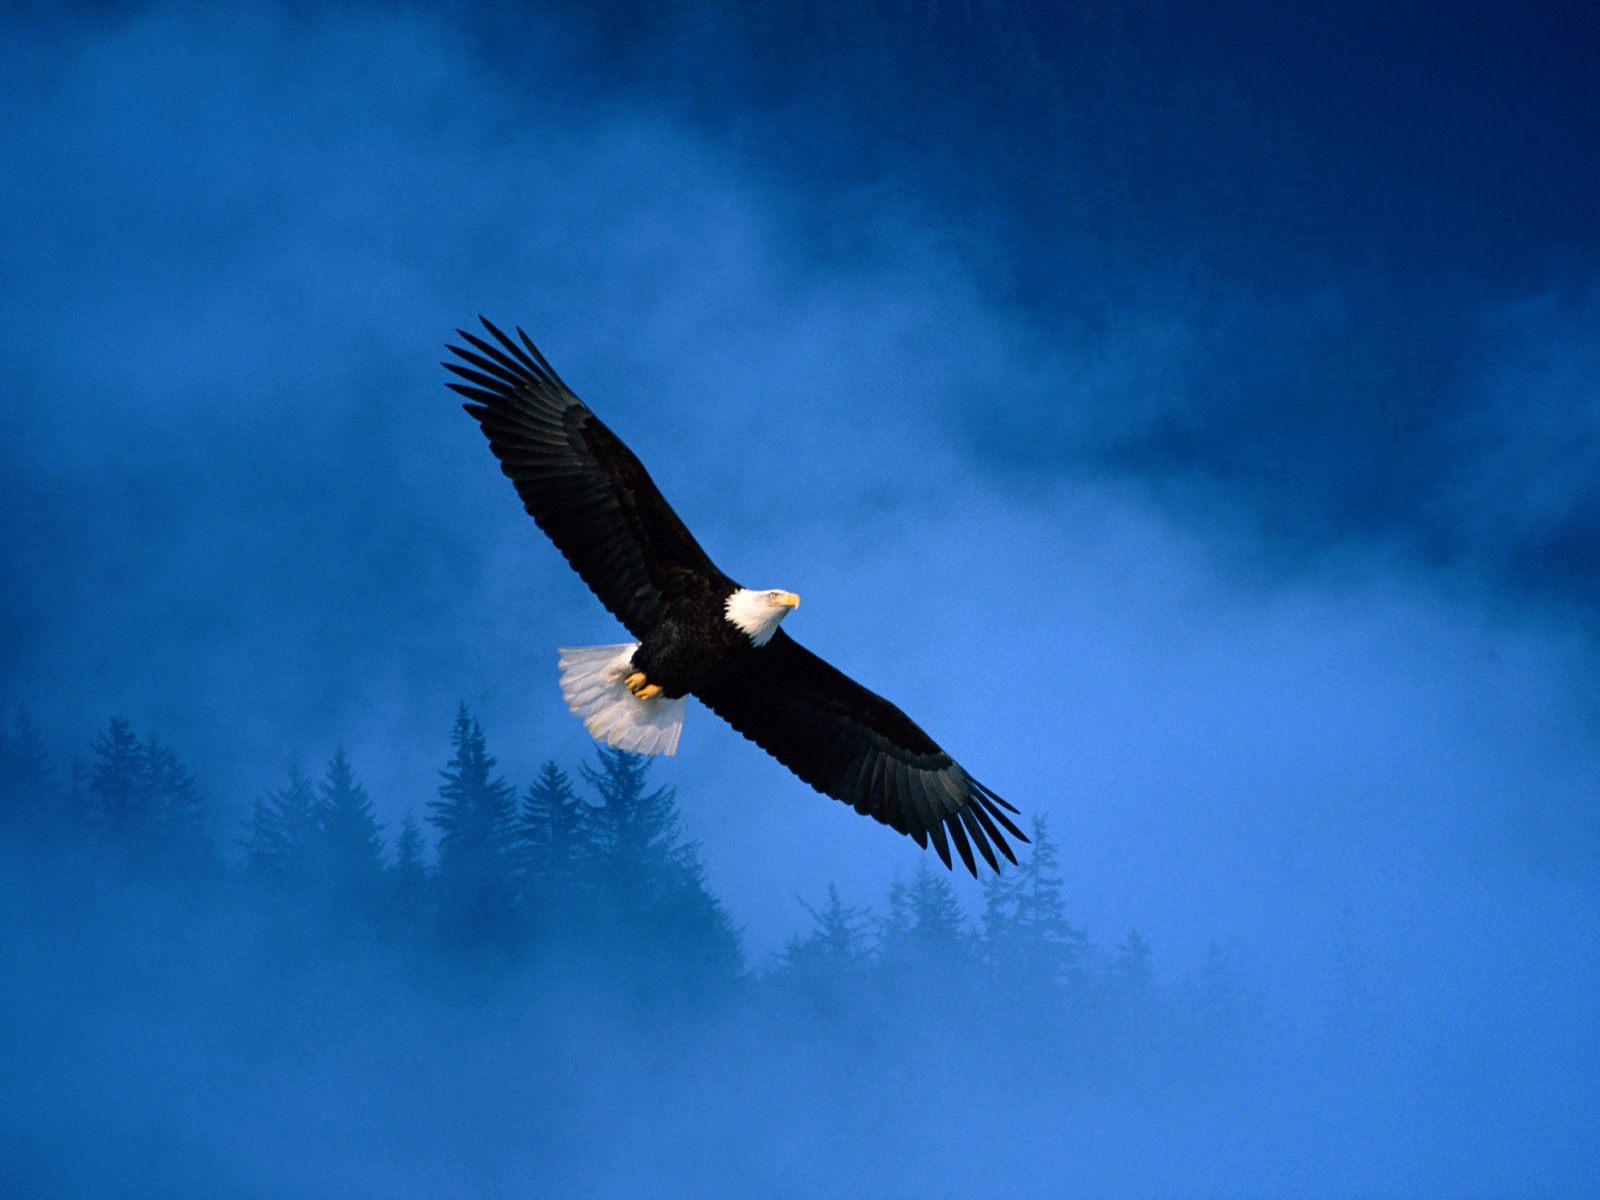 http://4.bp.blogspot.com/-yb8LLFp4Snw/TjAqP3Im9II/AAAAAAAAAIk/WlklIxaIKac/s1600/Flight%252520of%252520Freedom%252520Bald%252520Eagle%252520Alaska.jpg